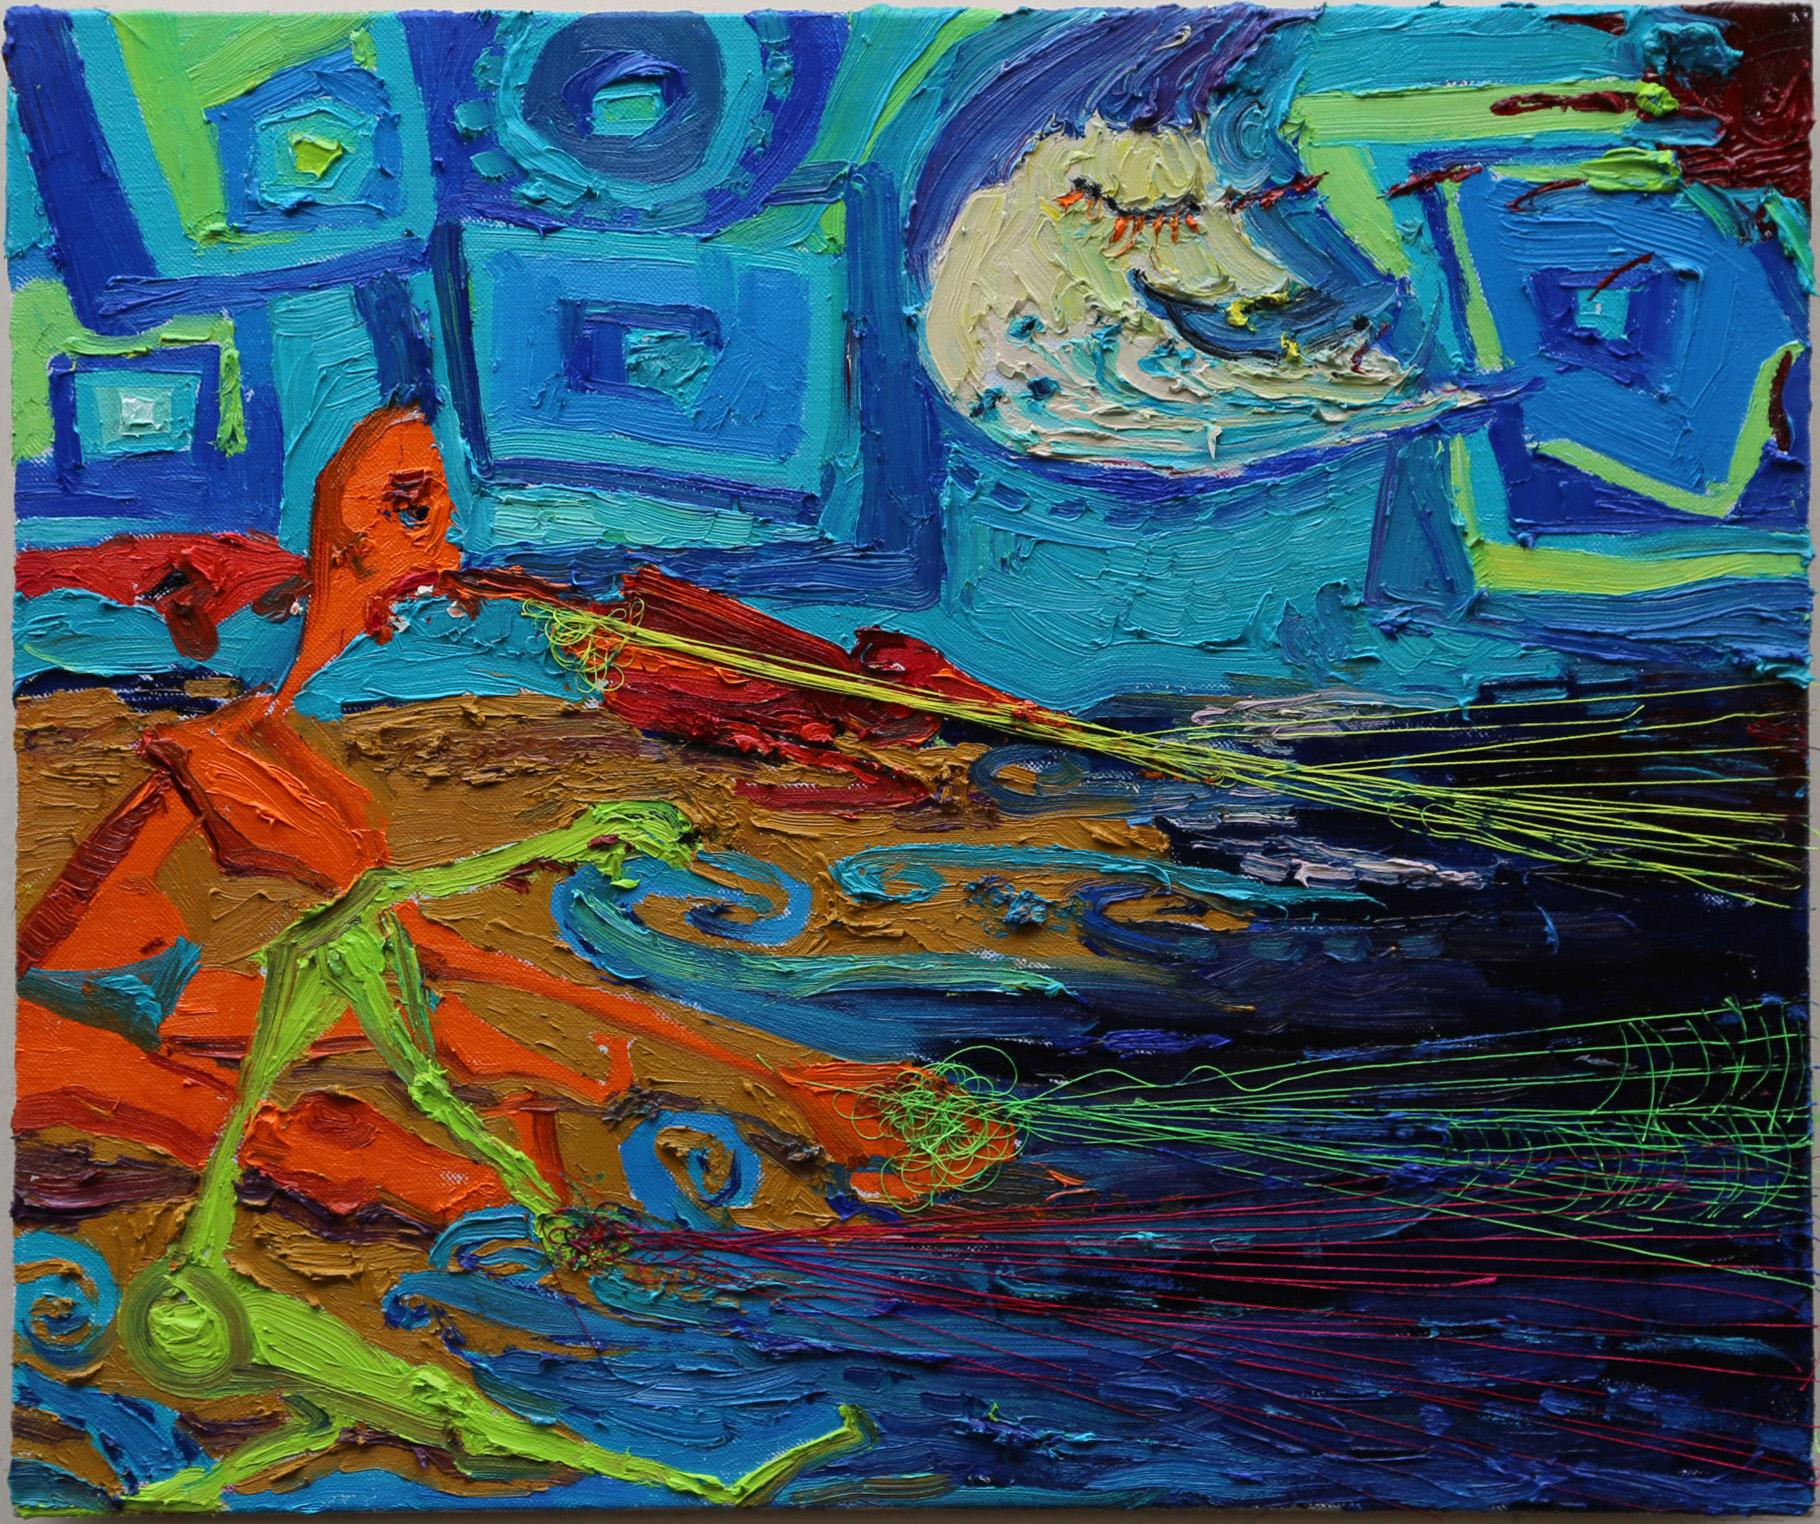 HUNTING FISH IN NIGHT